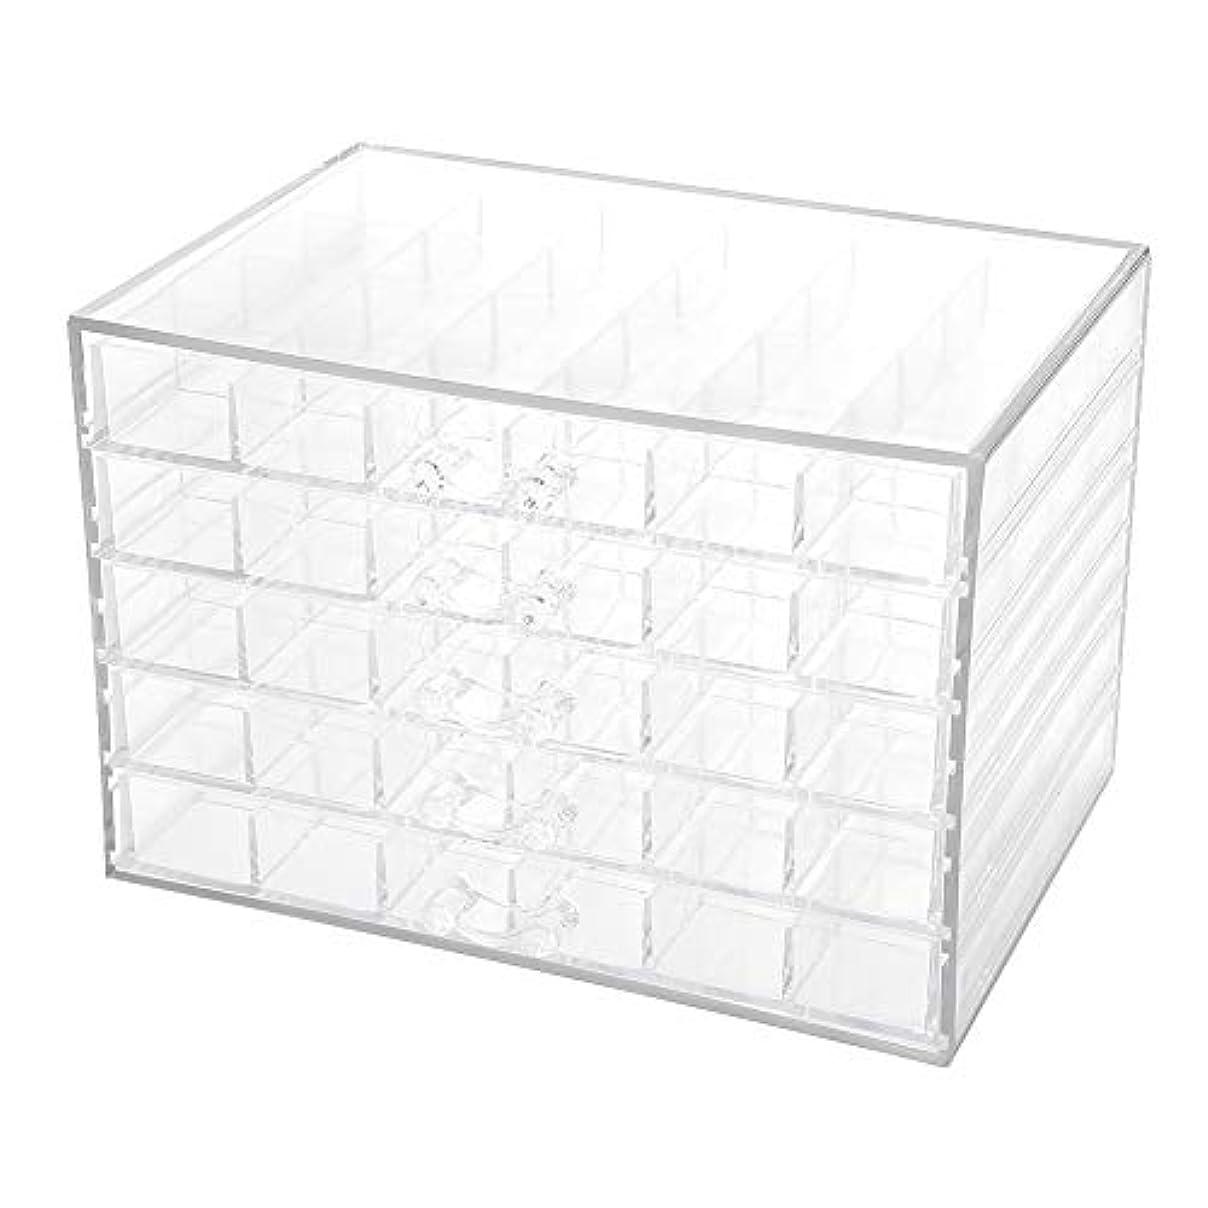 罪る潮ネイルデコレーション収納ボックス、120グリッドネイルデコレーションシーケンス整理ボックス透明な空のネイルアート収納ボックス、ネイルアート機器